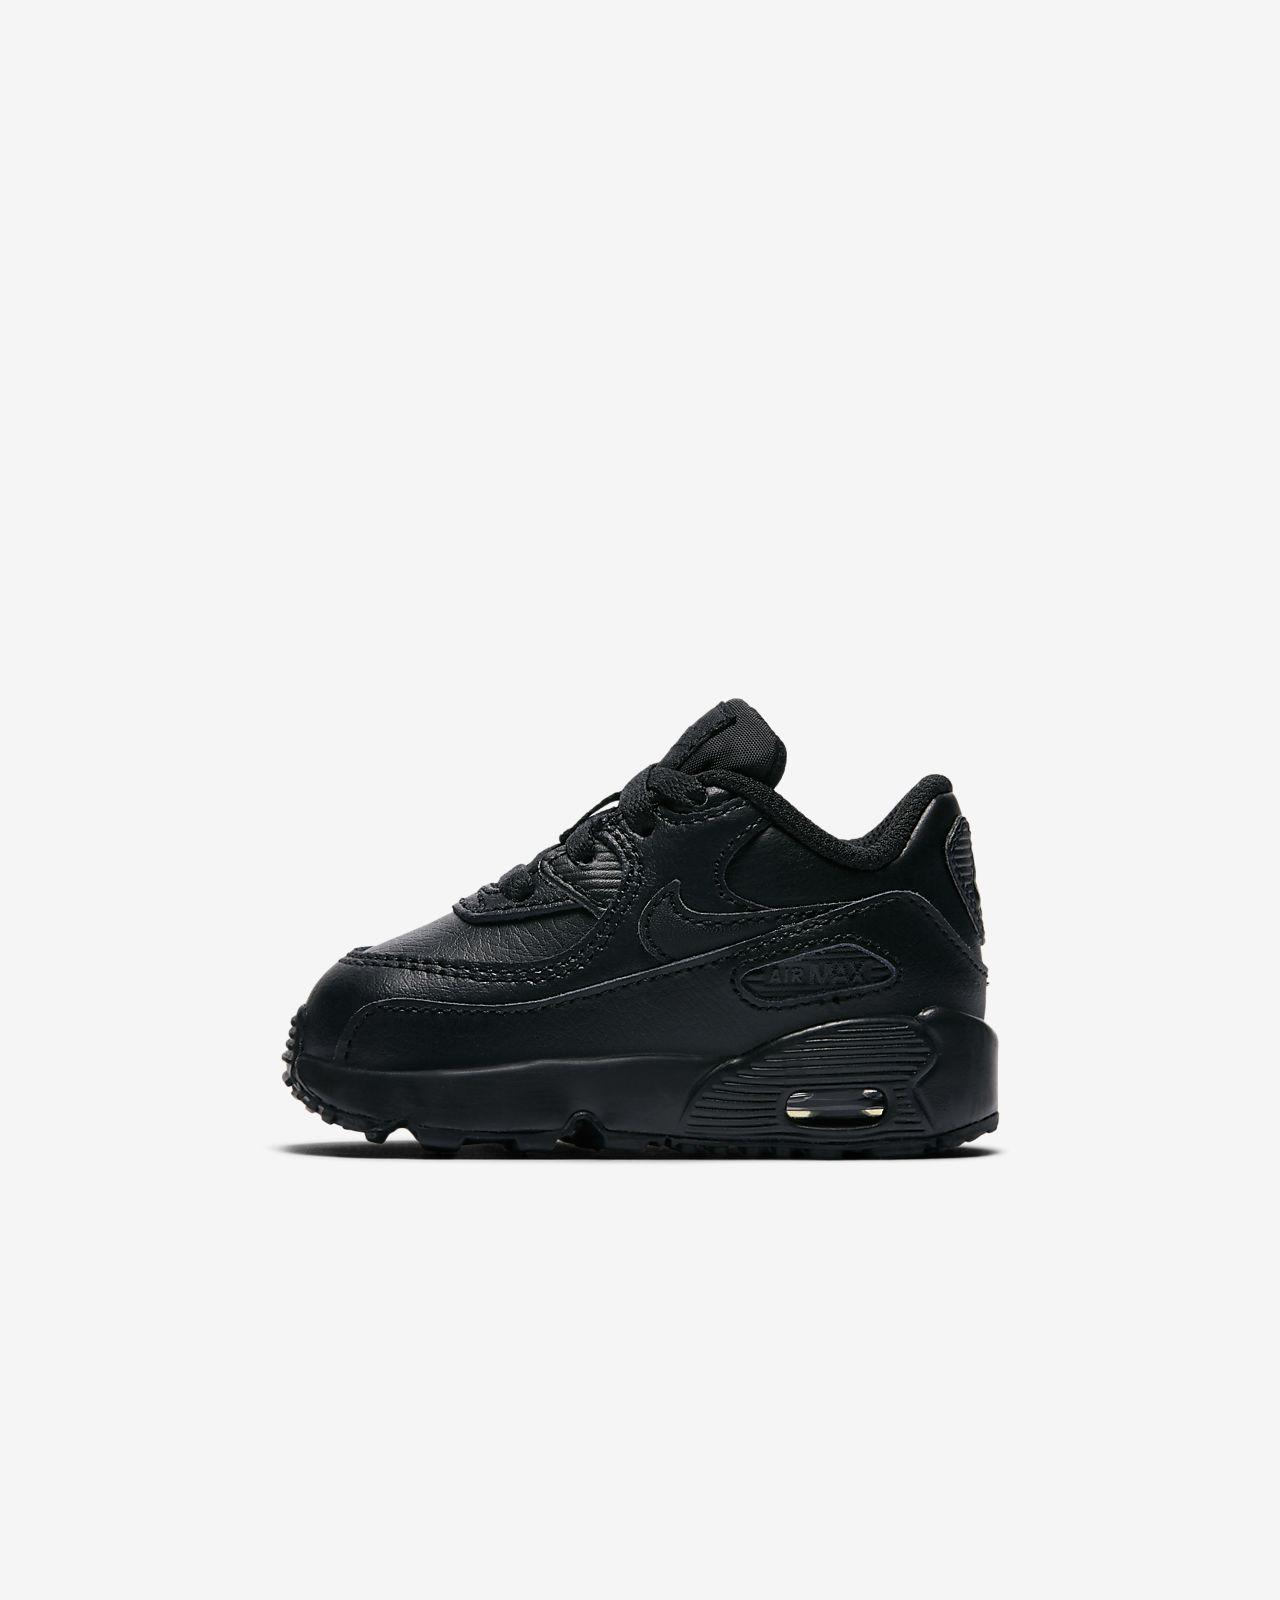 Jungen Schuhe Nike Air Max 90 Leather Kleinkinderschuh